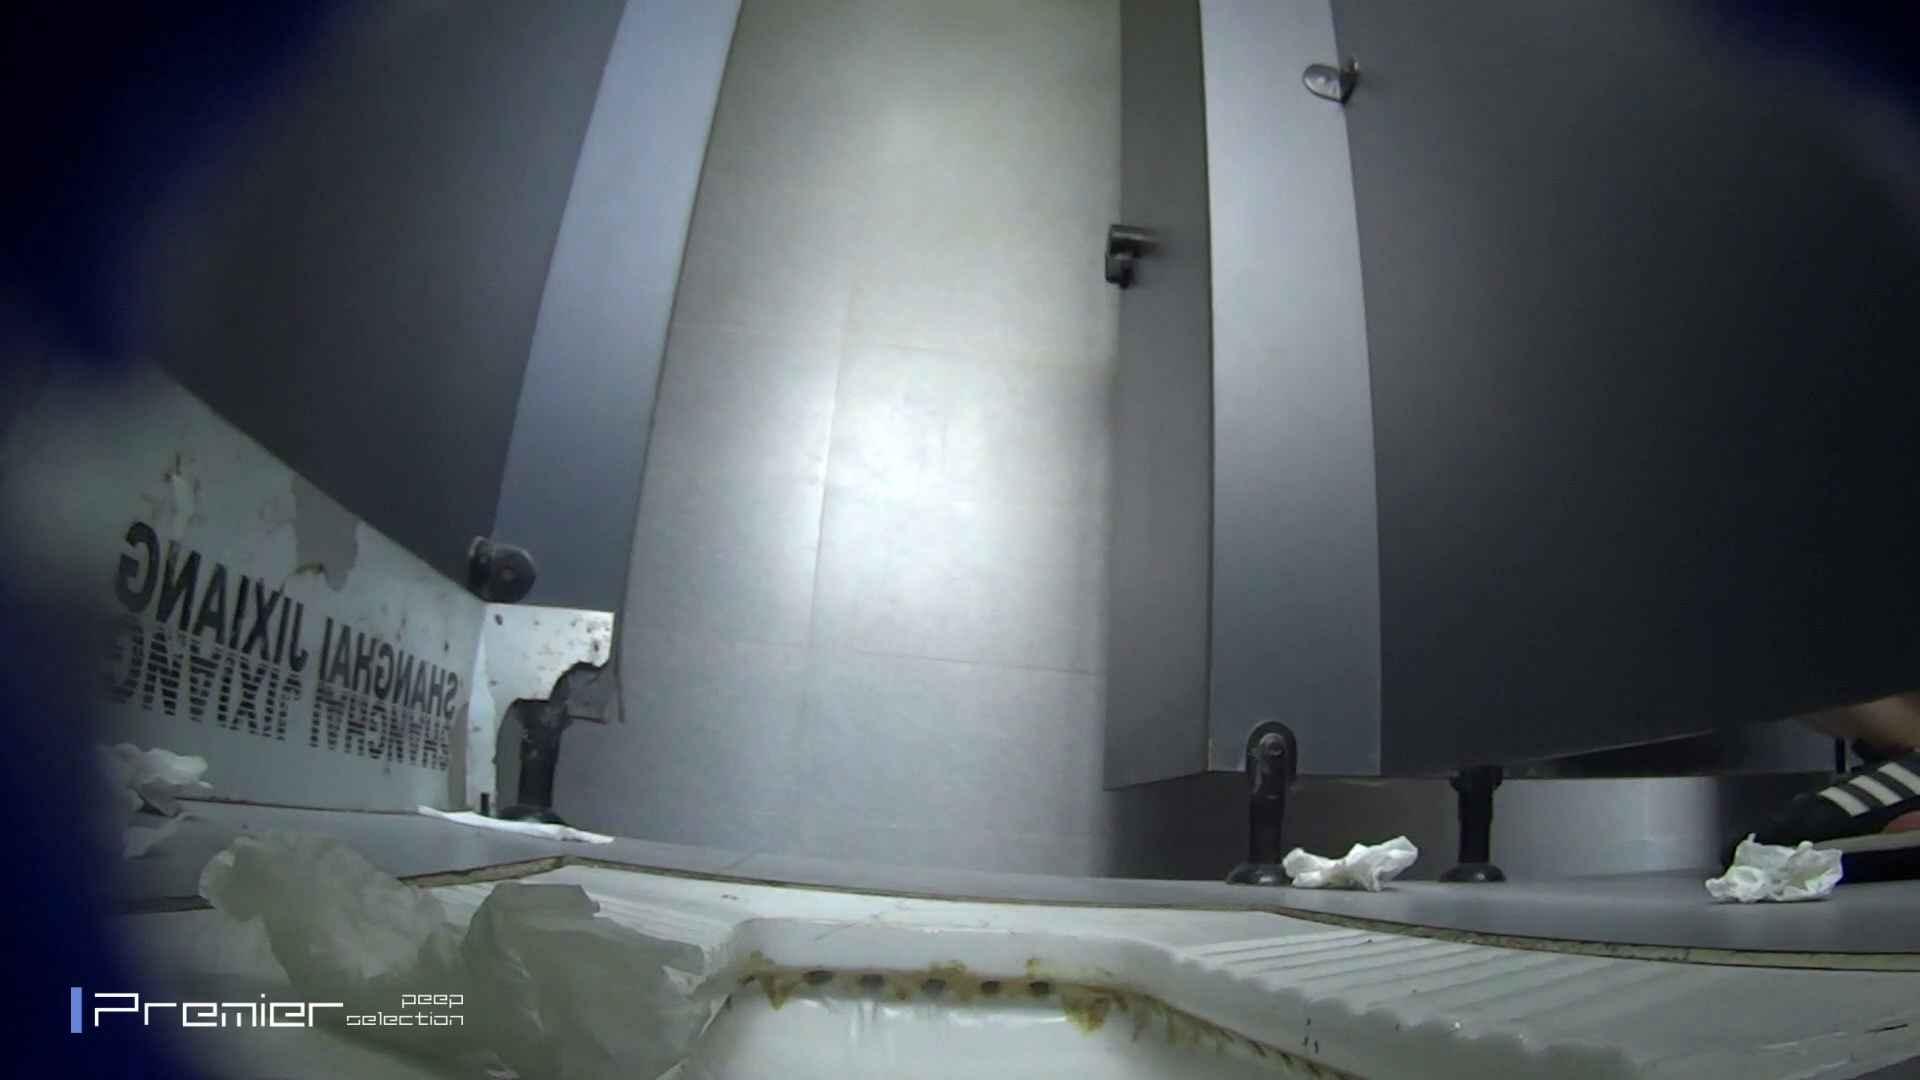 スキニージーンズの美女 大学休憩時間の洗面所事情56 丸見え おまんこ動画流出 106枚 43